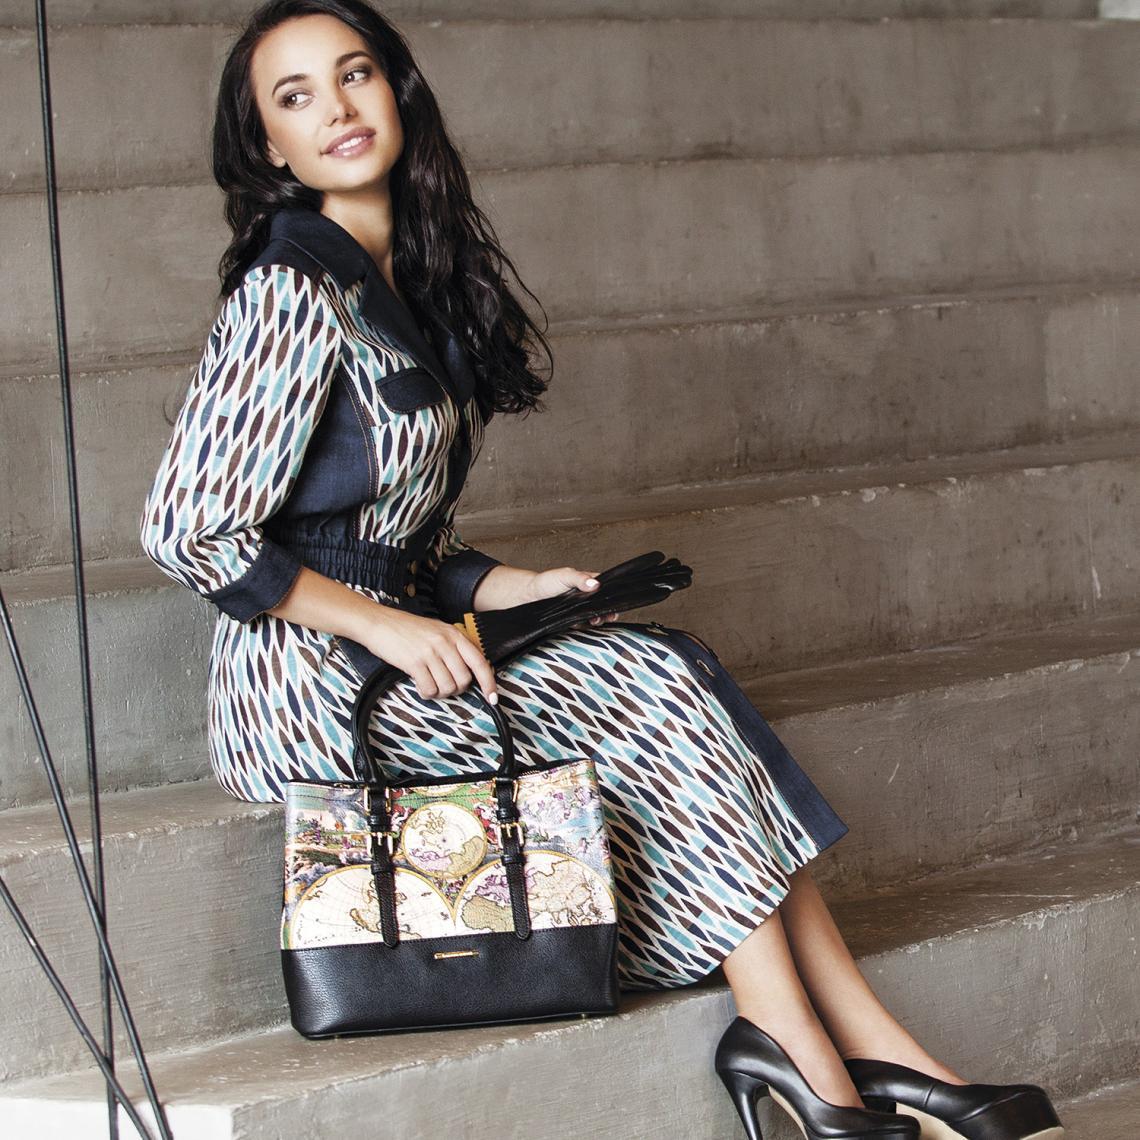 Бренды сумок Francesco marconi классическая